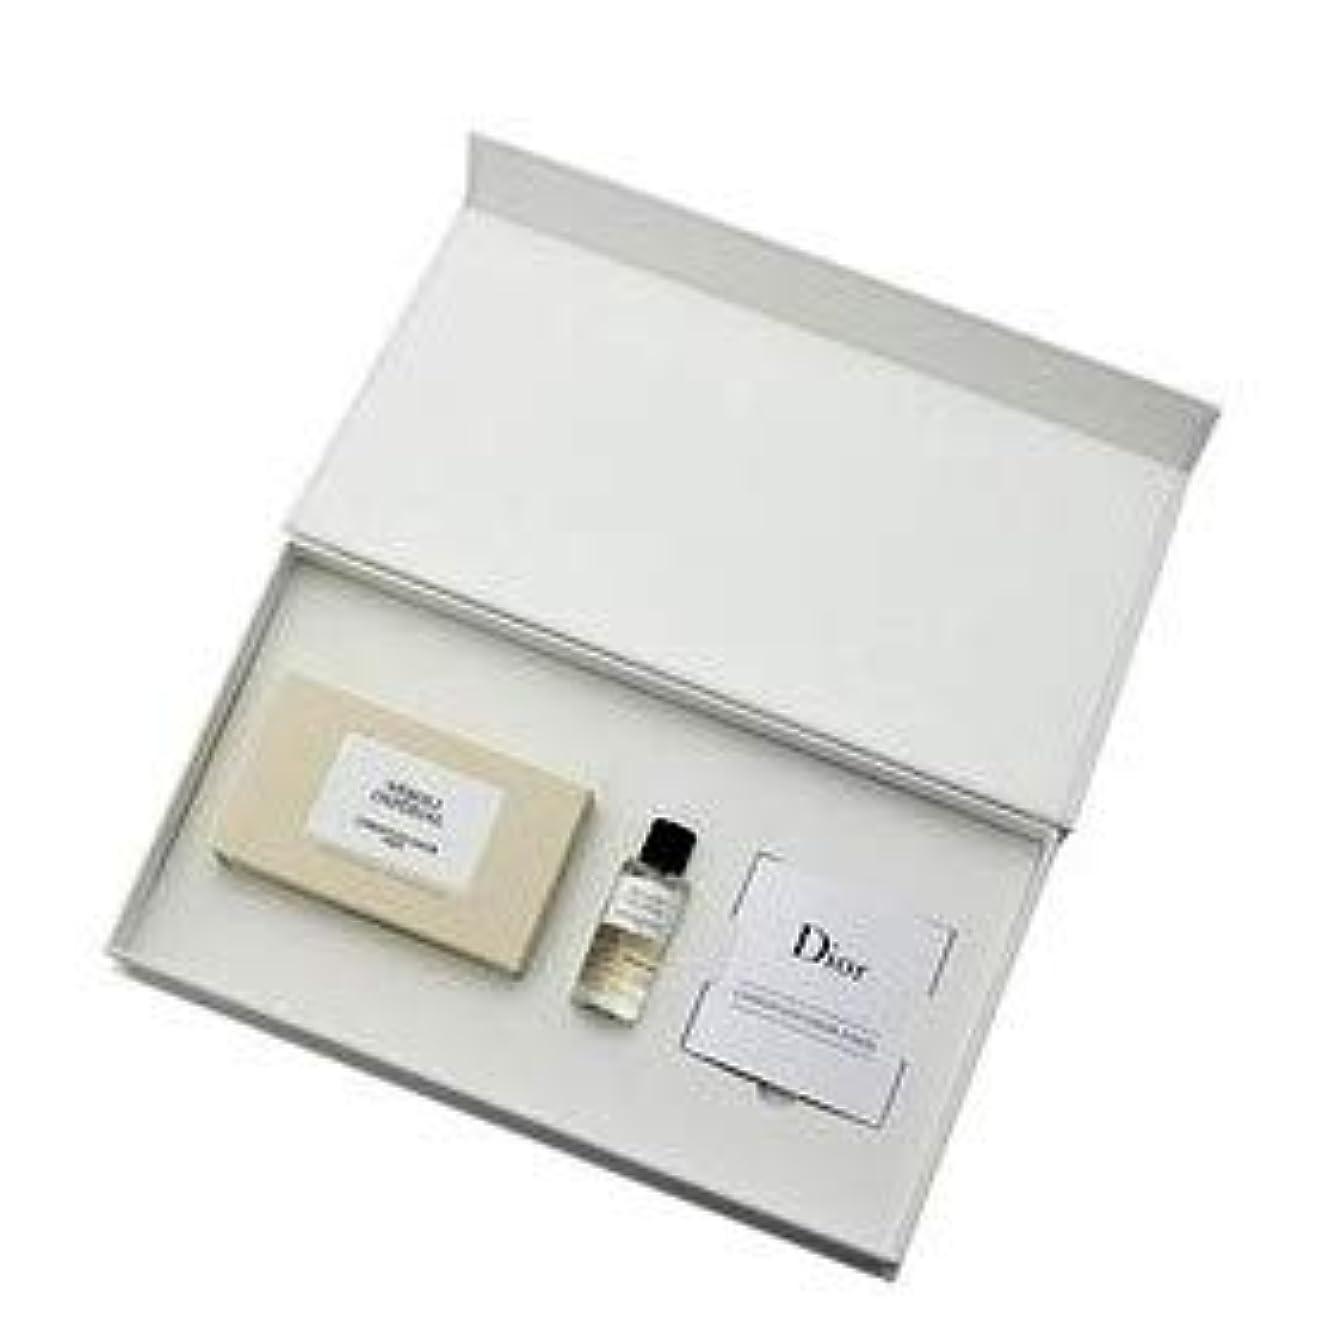 定義ルートキャビンクリスチャンディオール Dior メゾンクリスチャンディオールラグジュアリーセット 100g 7.5ml